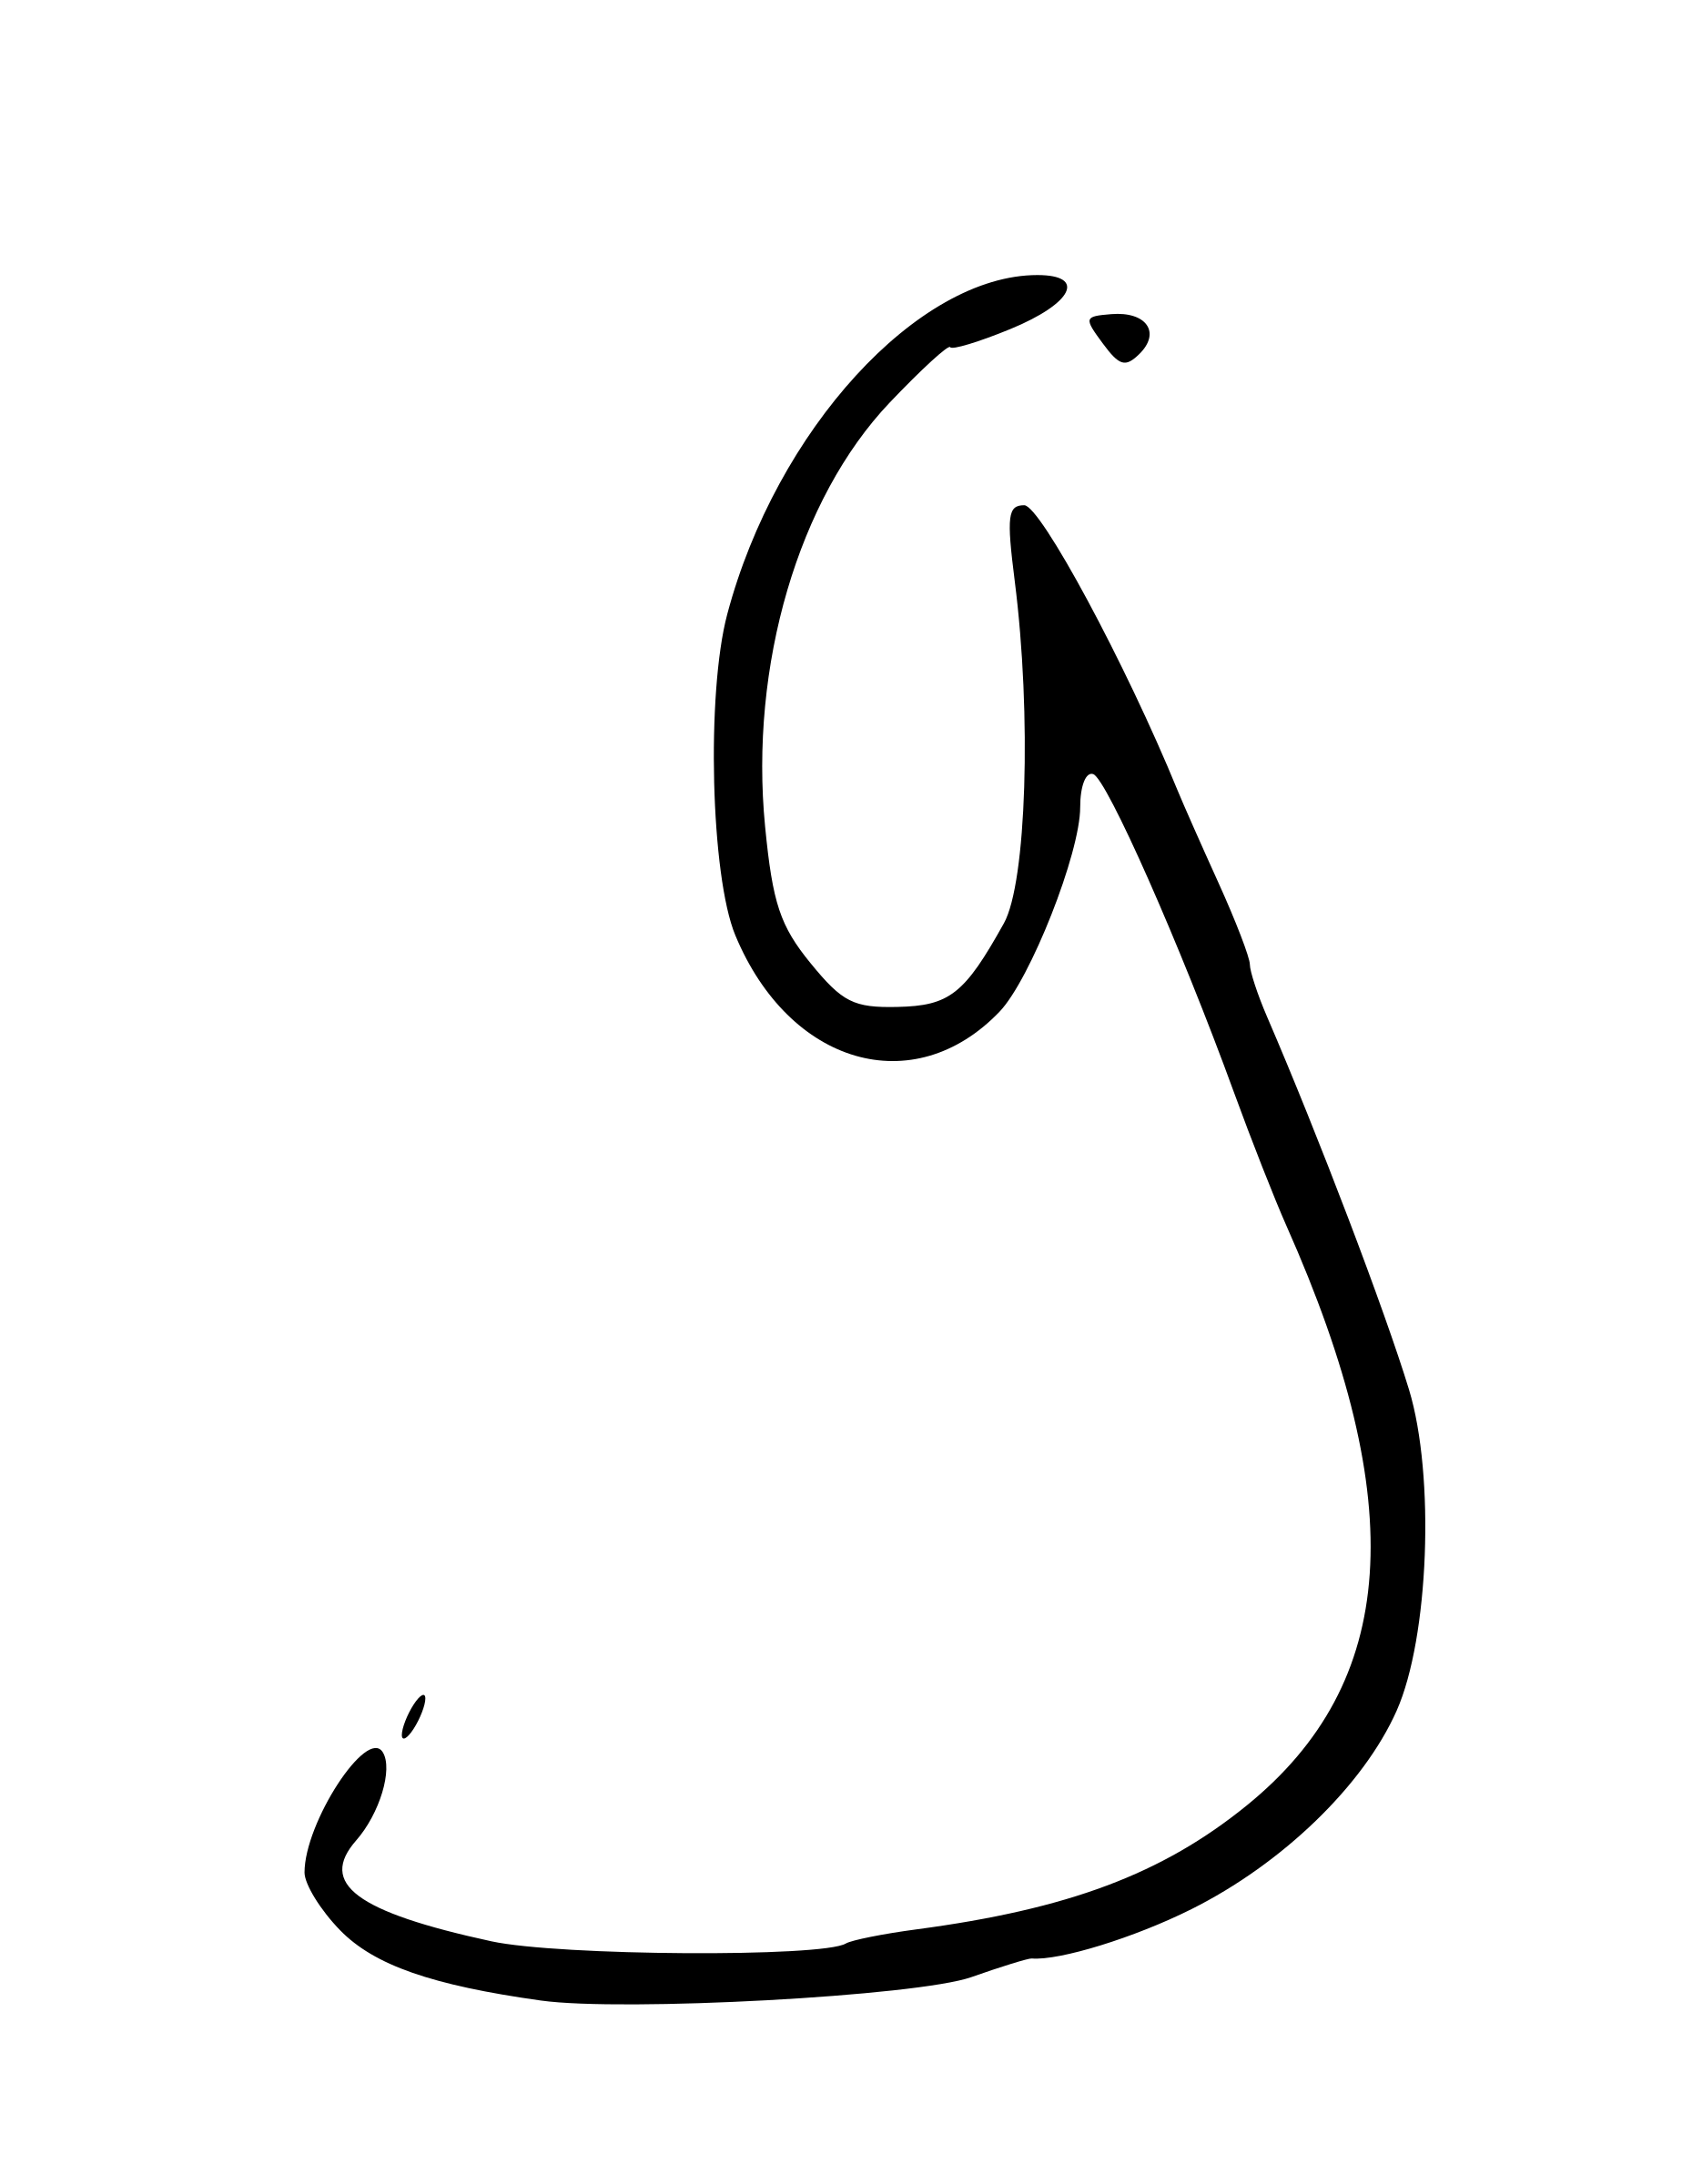 Clipart Letter G